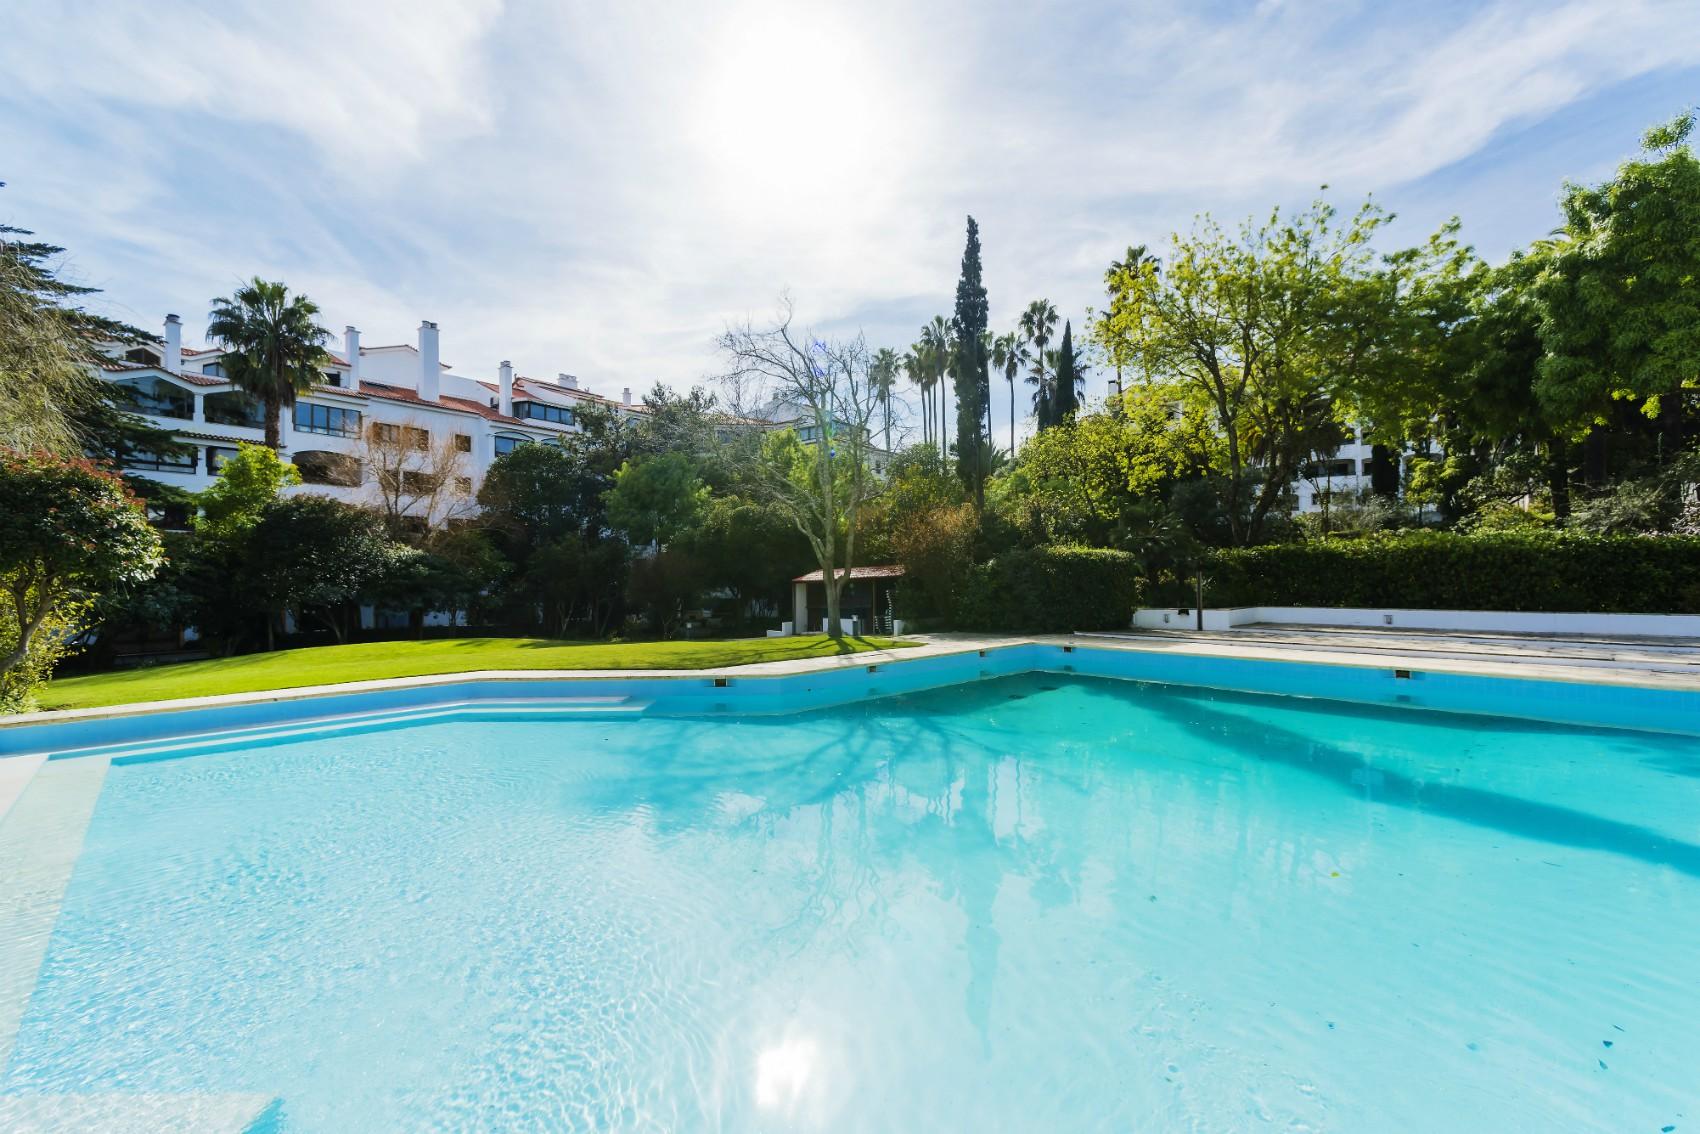 Apartamento - Monte Estoril, Cascais e Estoril, Cascais_1